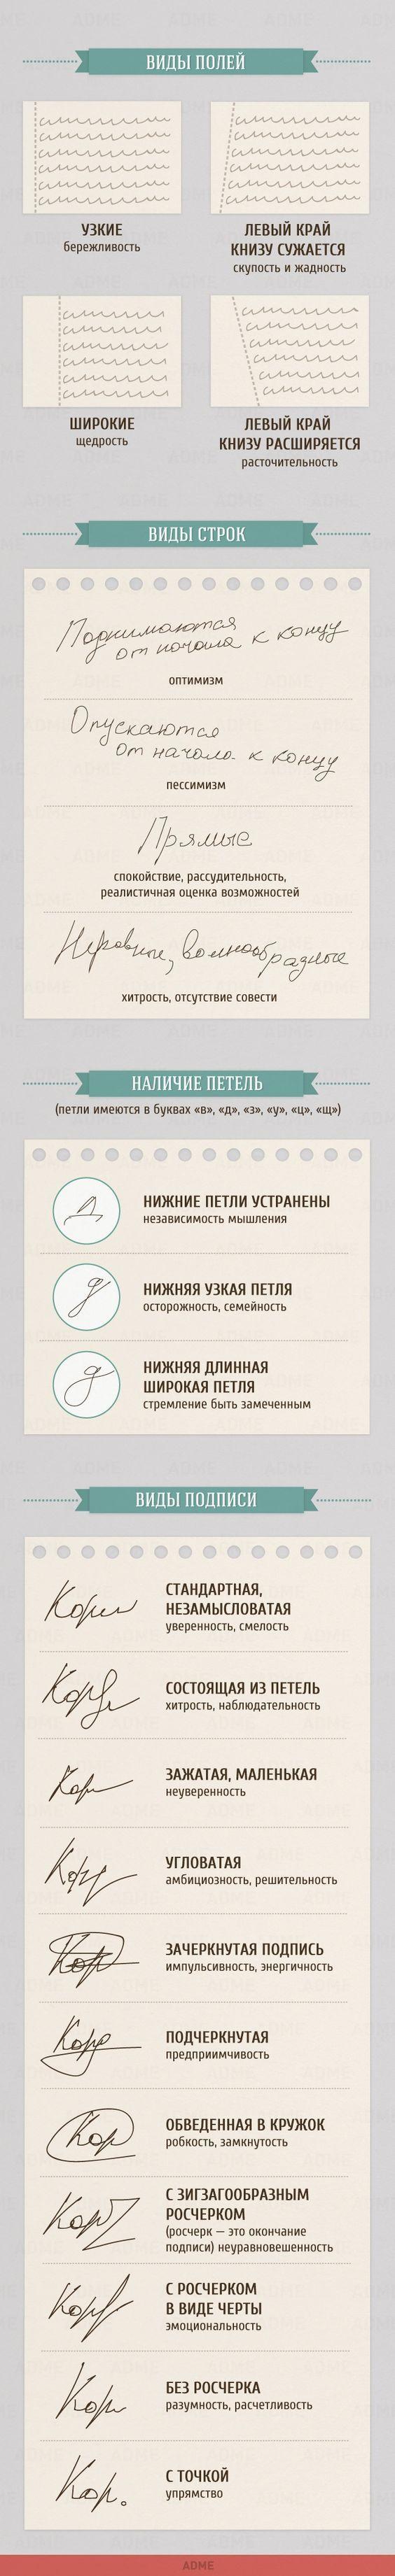 http://www.adme.ru/zhizn-nauka/chto-rasskazyvaet-o-cheloveke-ego-pocherk-1066910/: